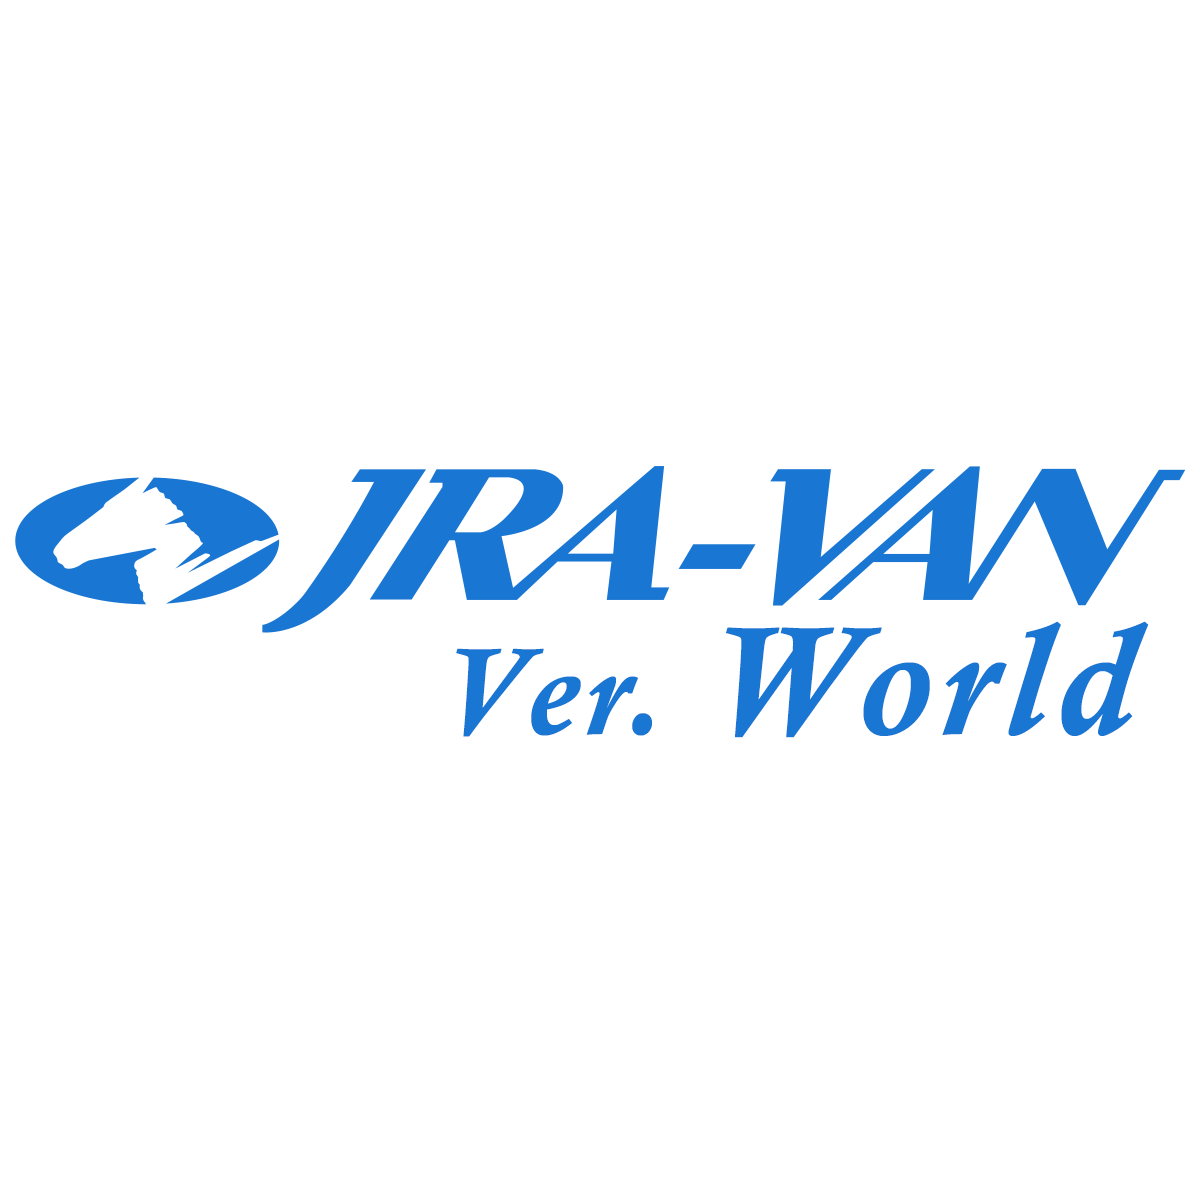 ゴールデンシックスティ、今季は国内専念で2000mも視野に | JRA-VAN Ver.World